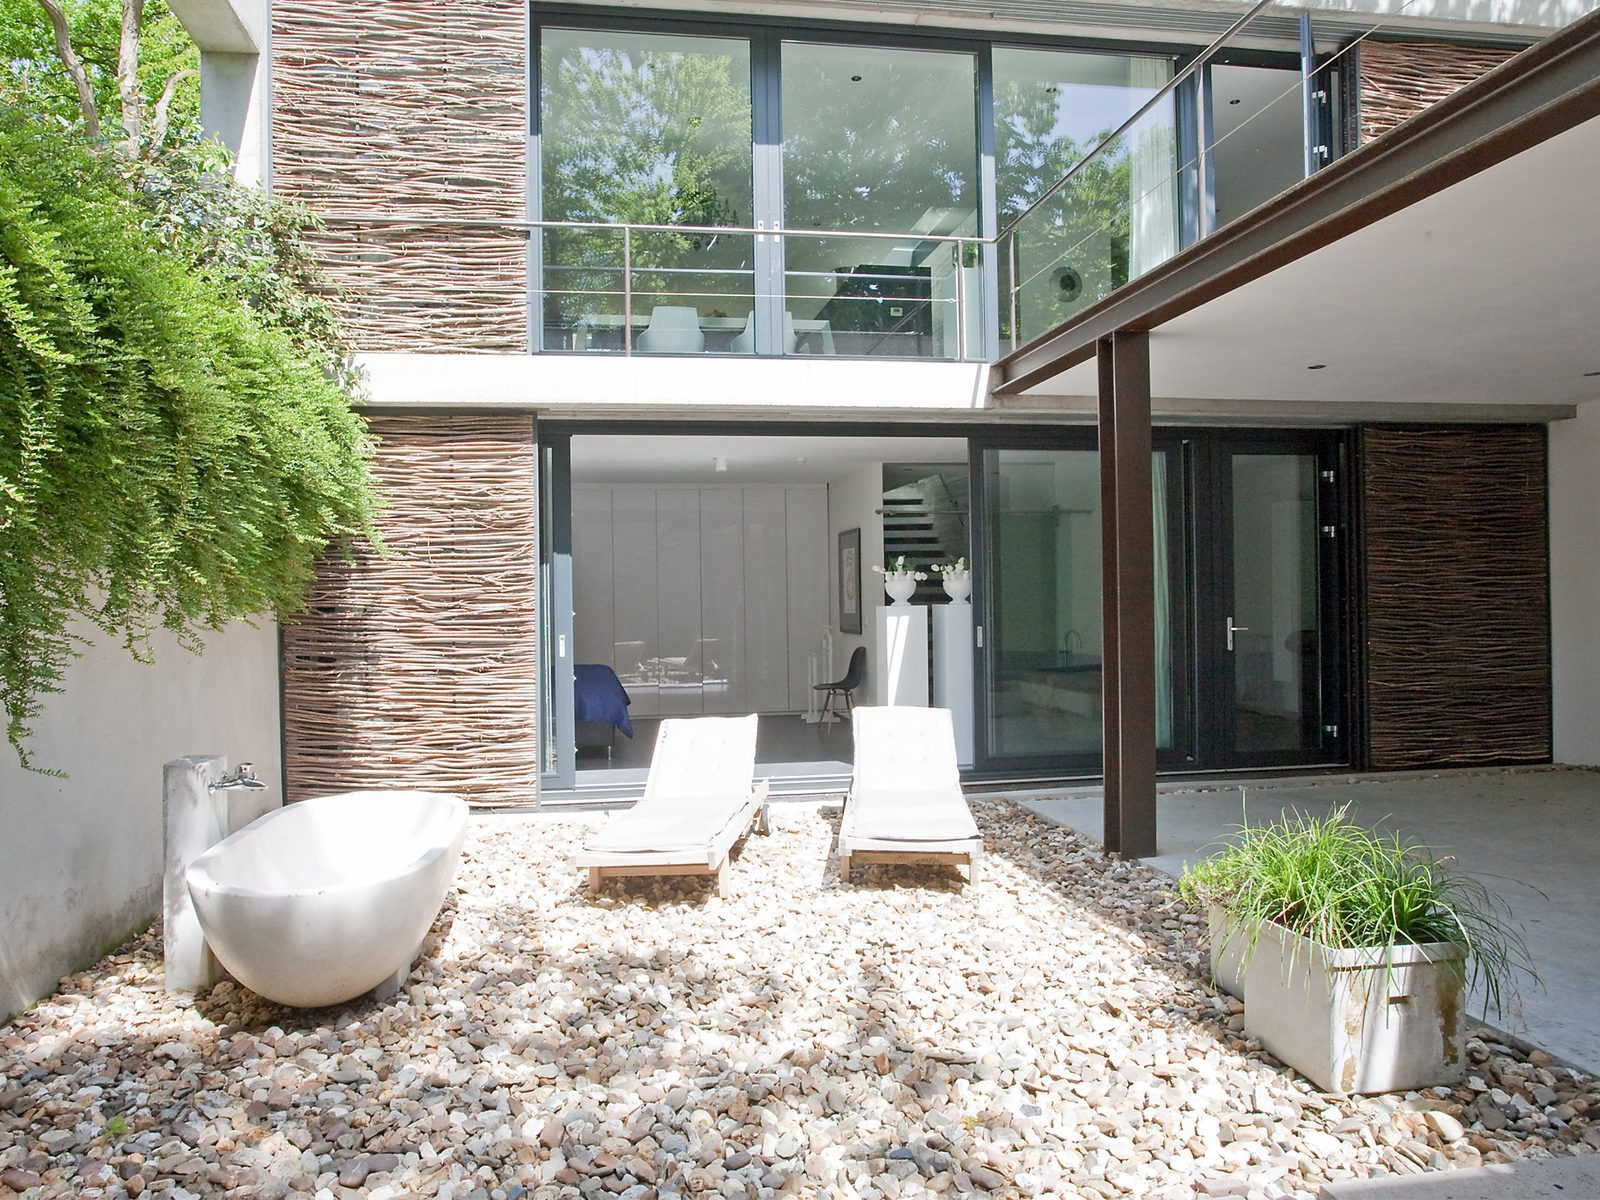 Nederland, Brabant, vakantiehuis, natuur, golfbaan Bergvliet, luxe, design, modern